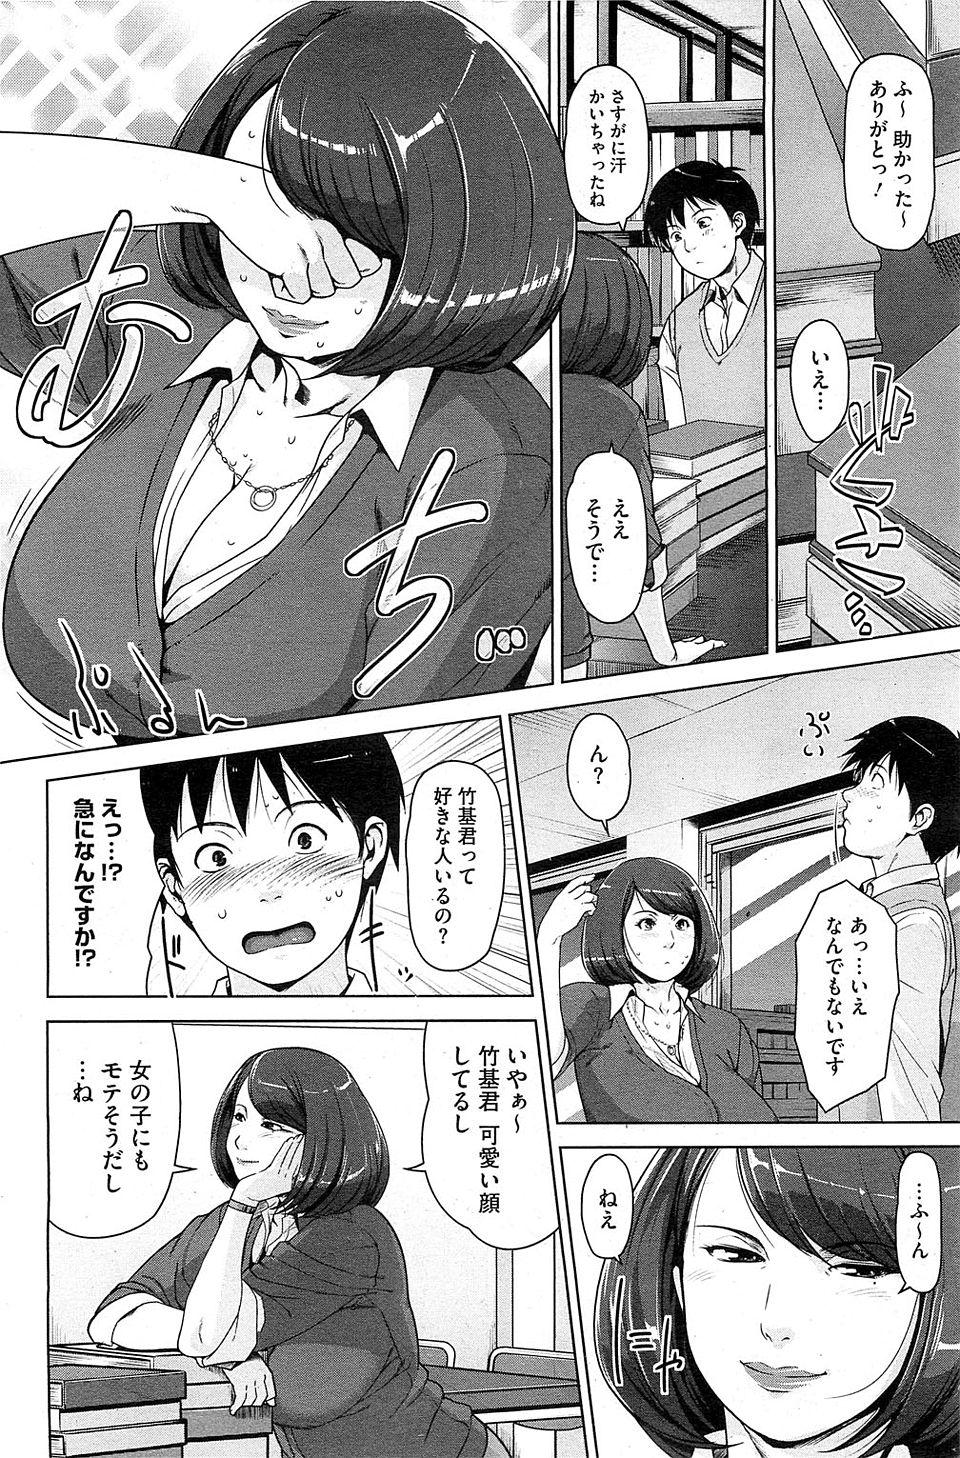 【エロ漫画・エロ同人誌】巨乳JDの教育実習生に誘惑されてセックスしますたwww (4)